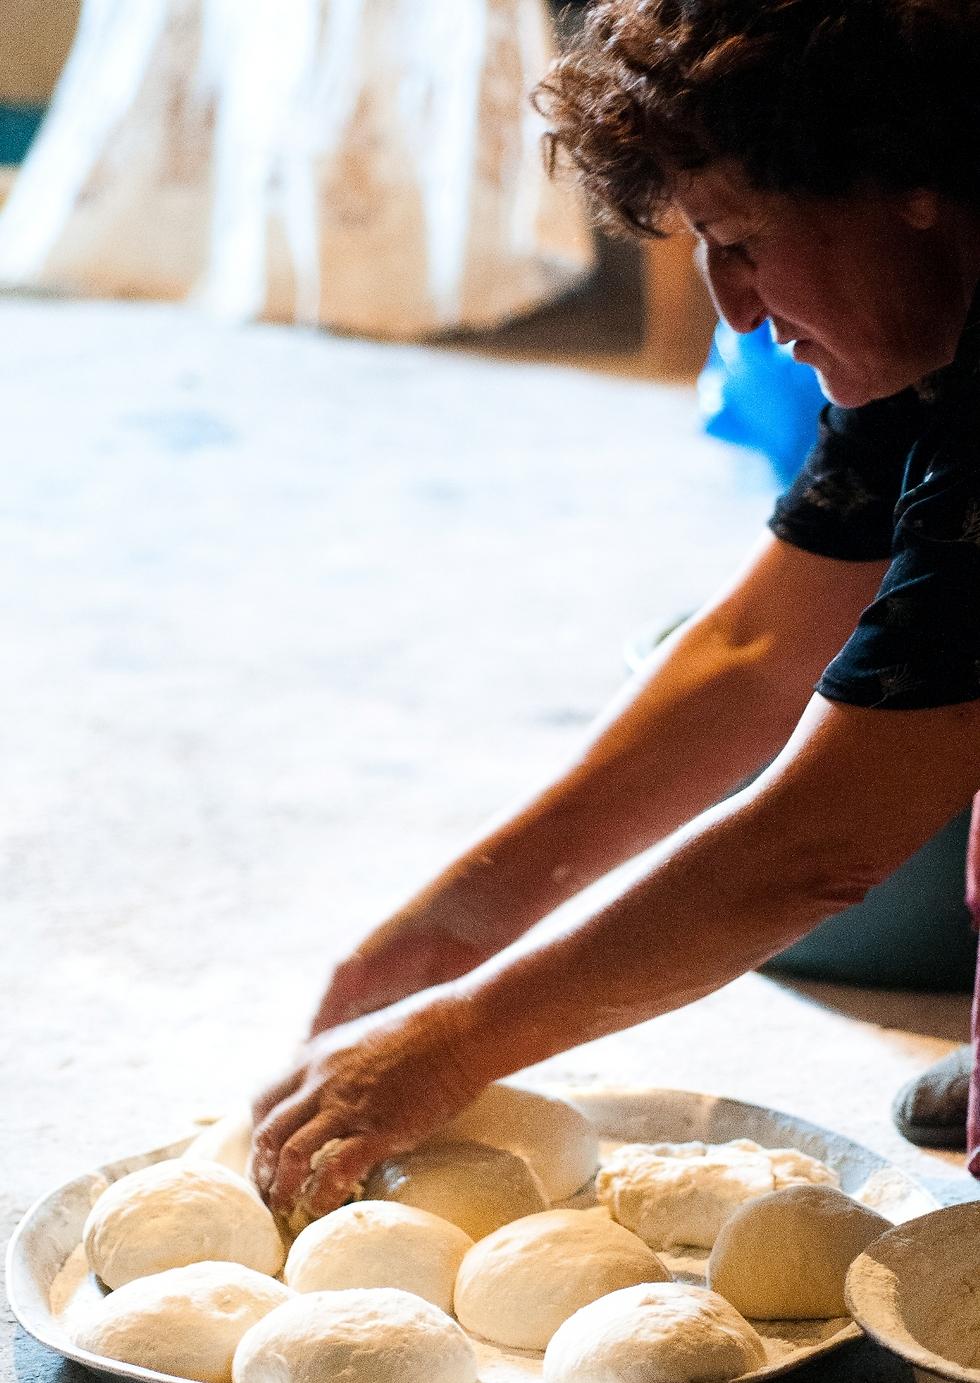 הכנת לחם בארמניה  (צילום: איה בן עזרי) (צילום: איה בן עזרי)